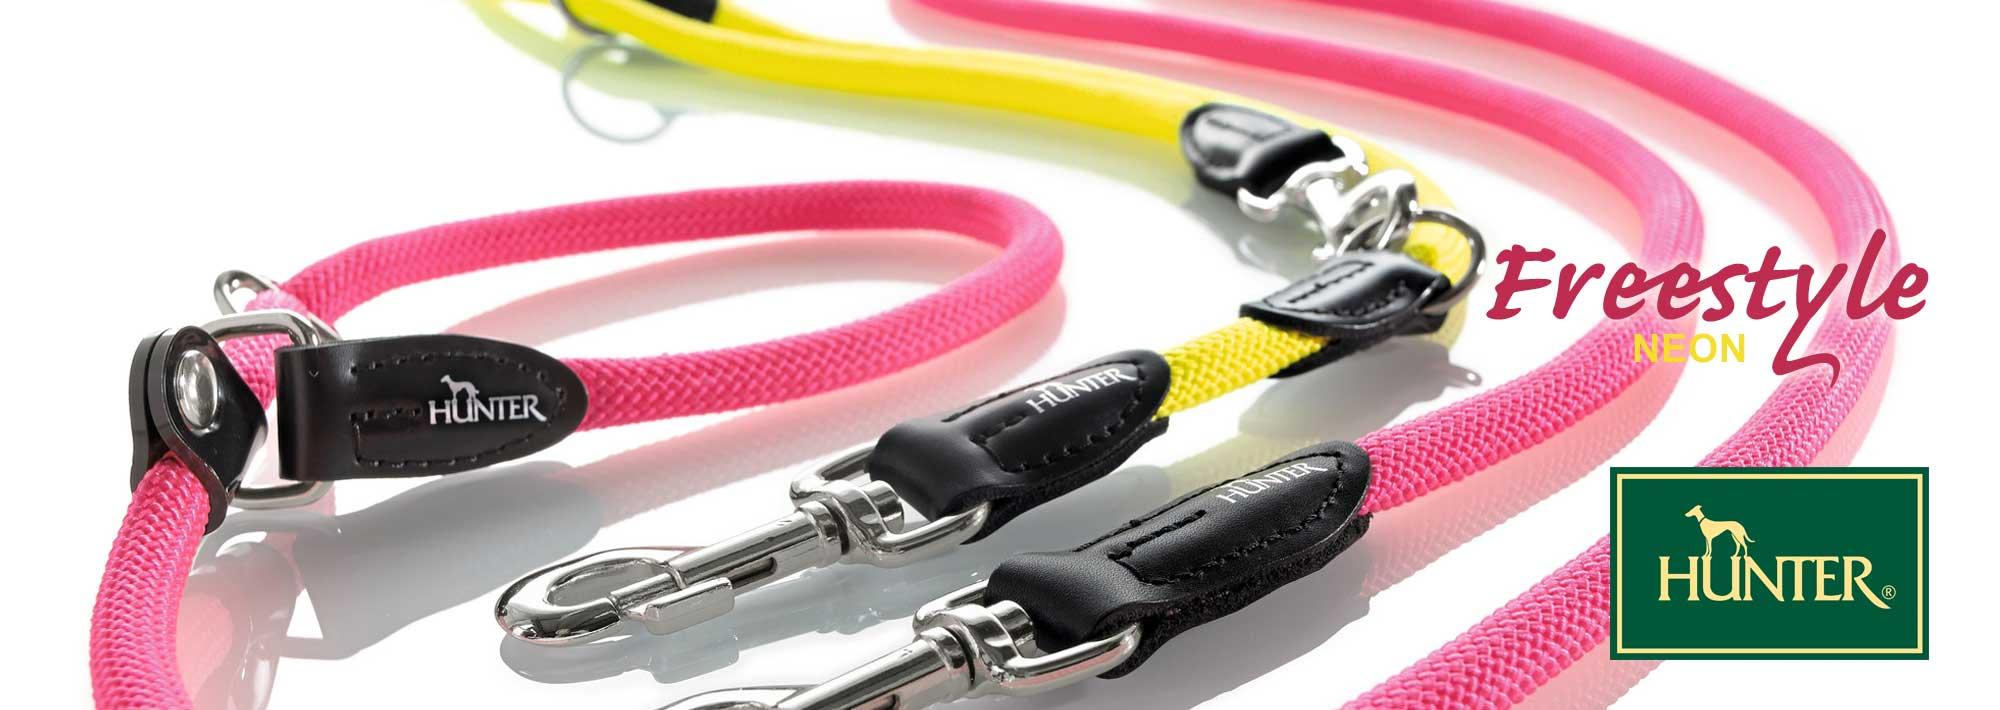 Hunter Freestyle Tau Hundeleinen und Halsbänder, Bild 5